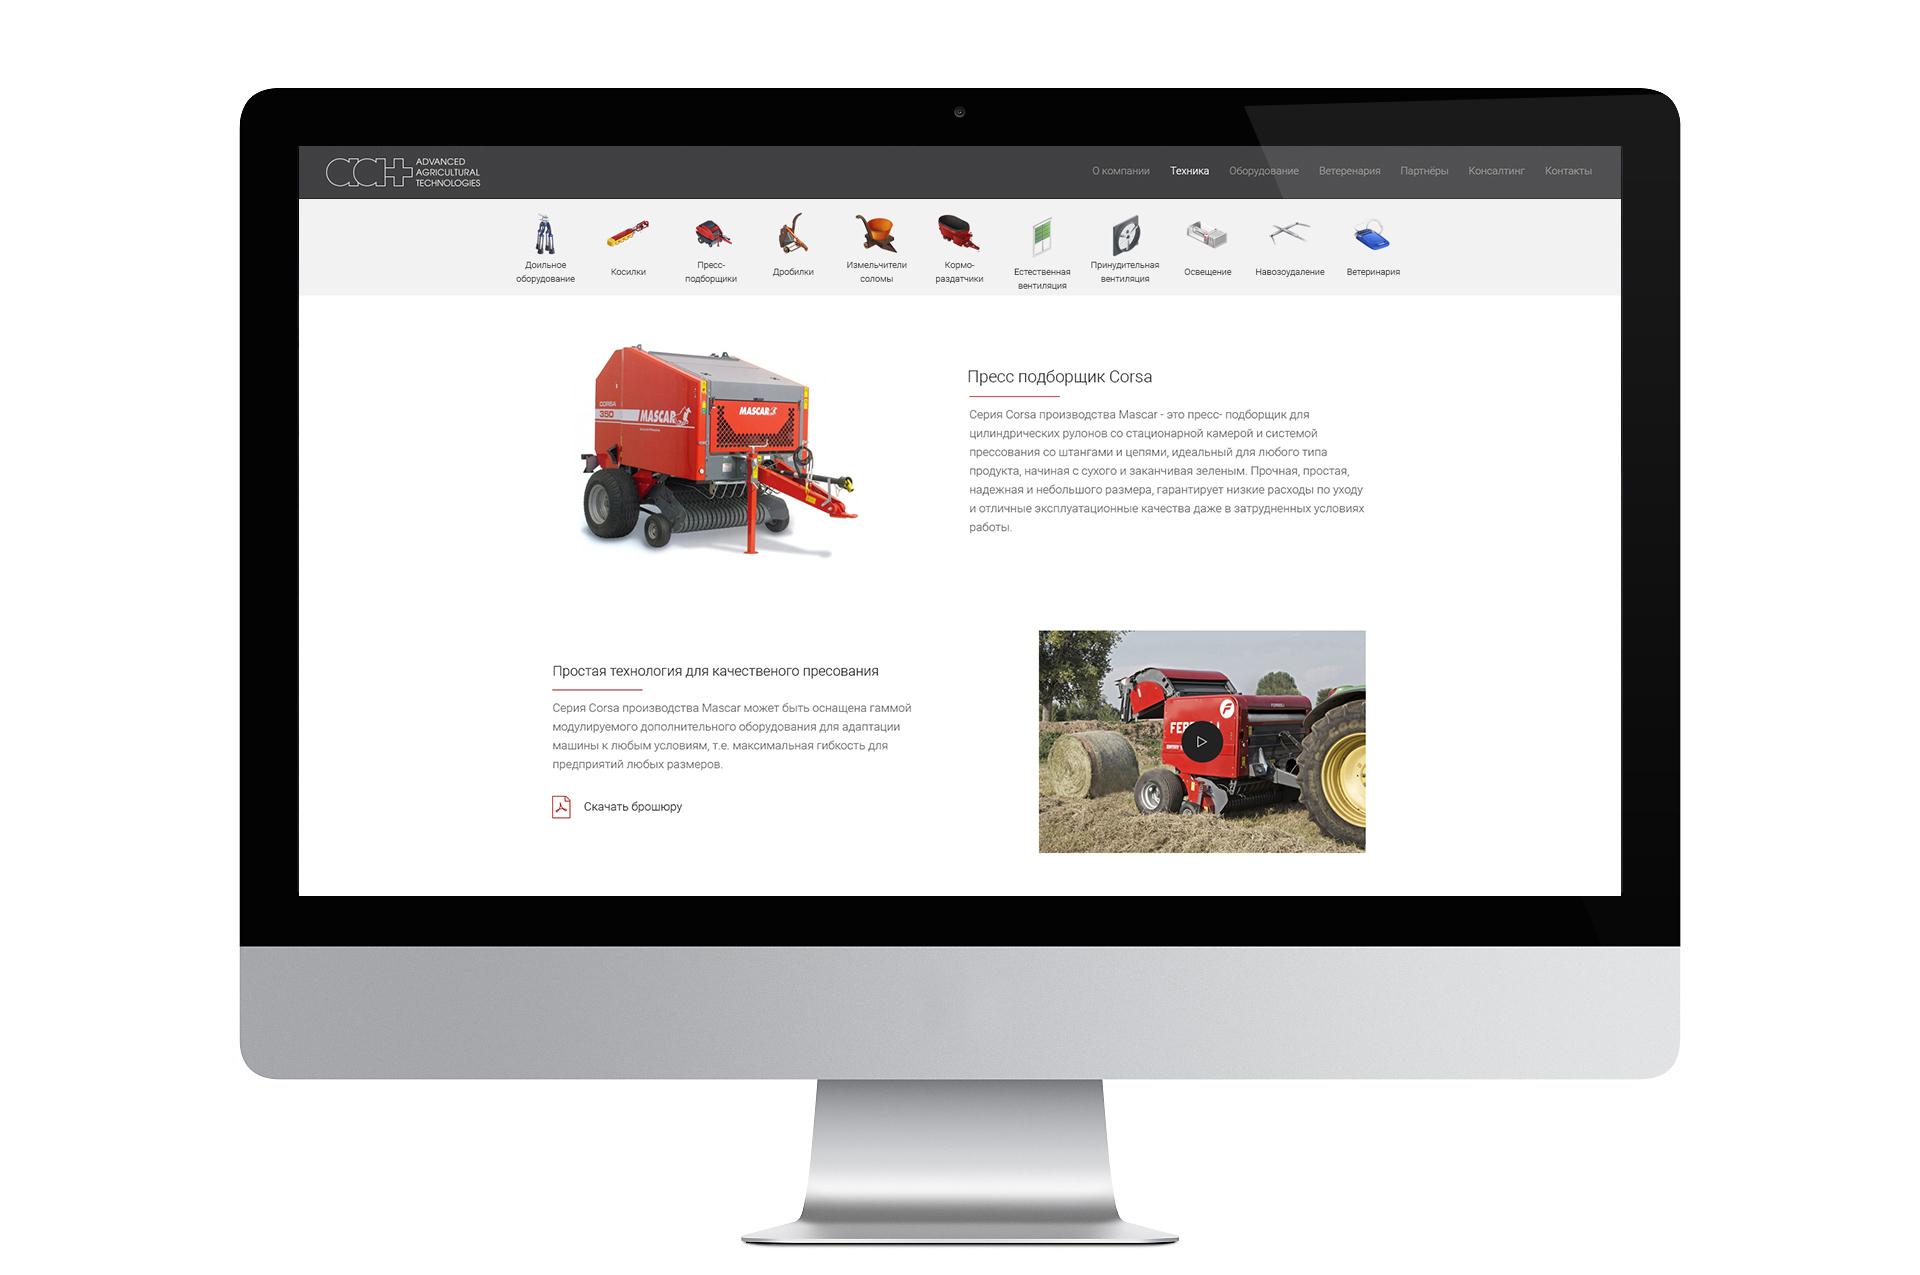 Дизайн вебсайта «Прогресивні аграрні технології» (AAT). Сторінка товару.